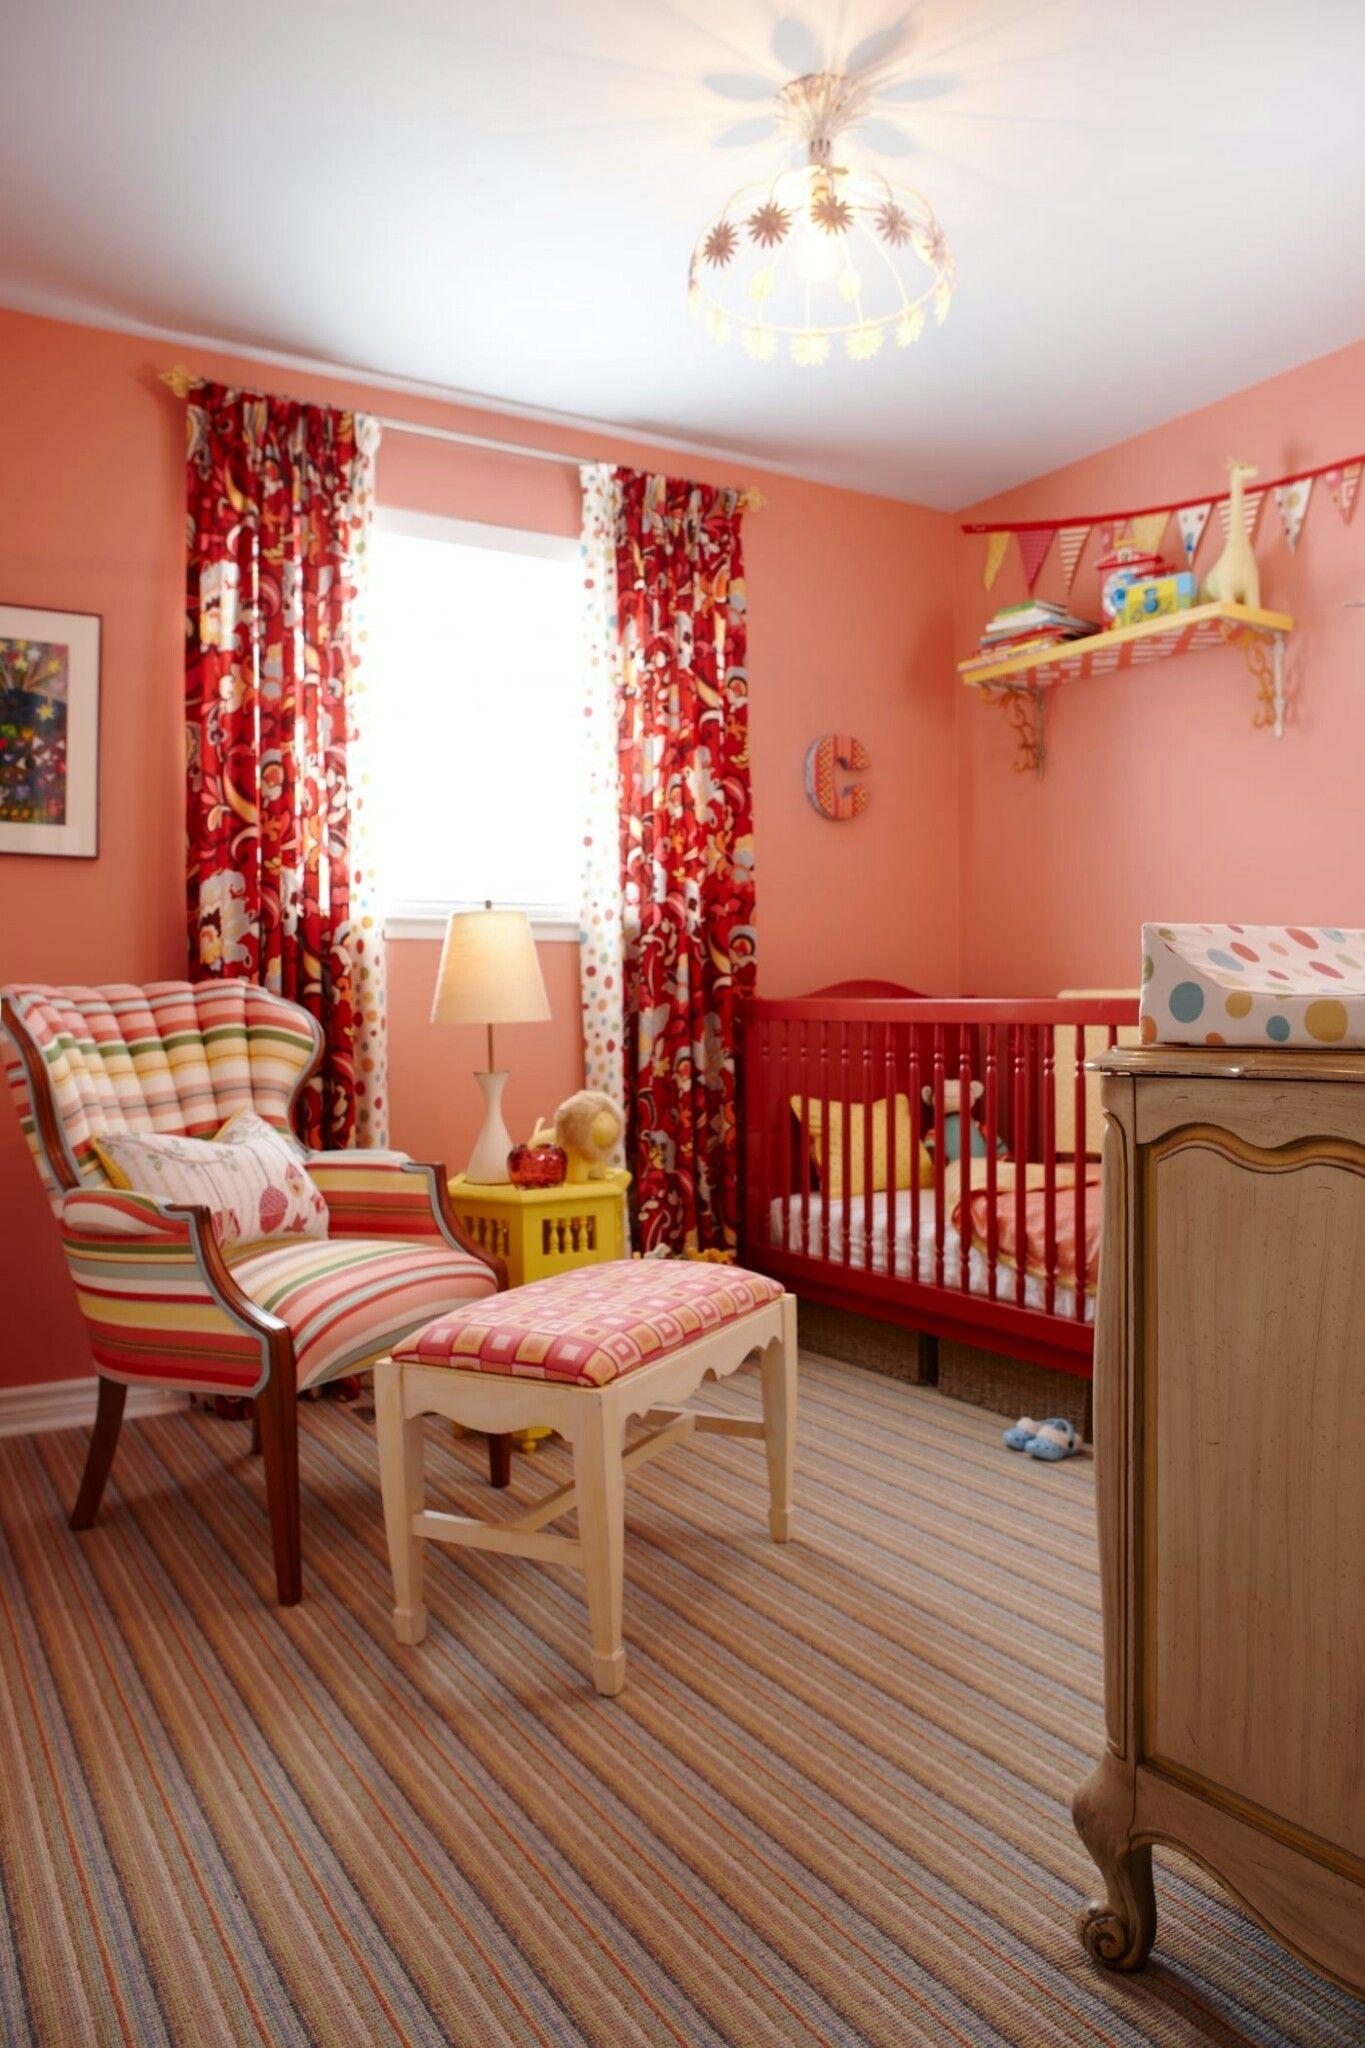 Épinglé par Debbie Jensen sur Bedroom Ideas  Idée de décoration